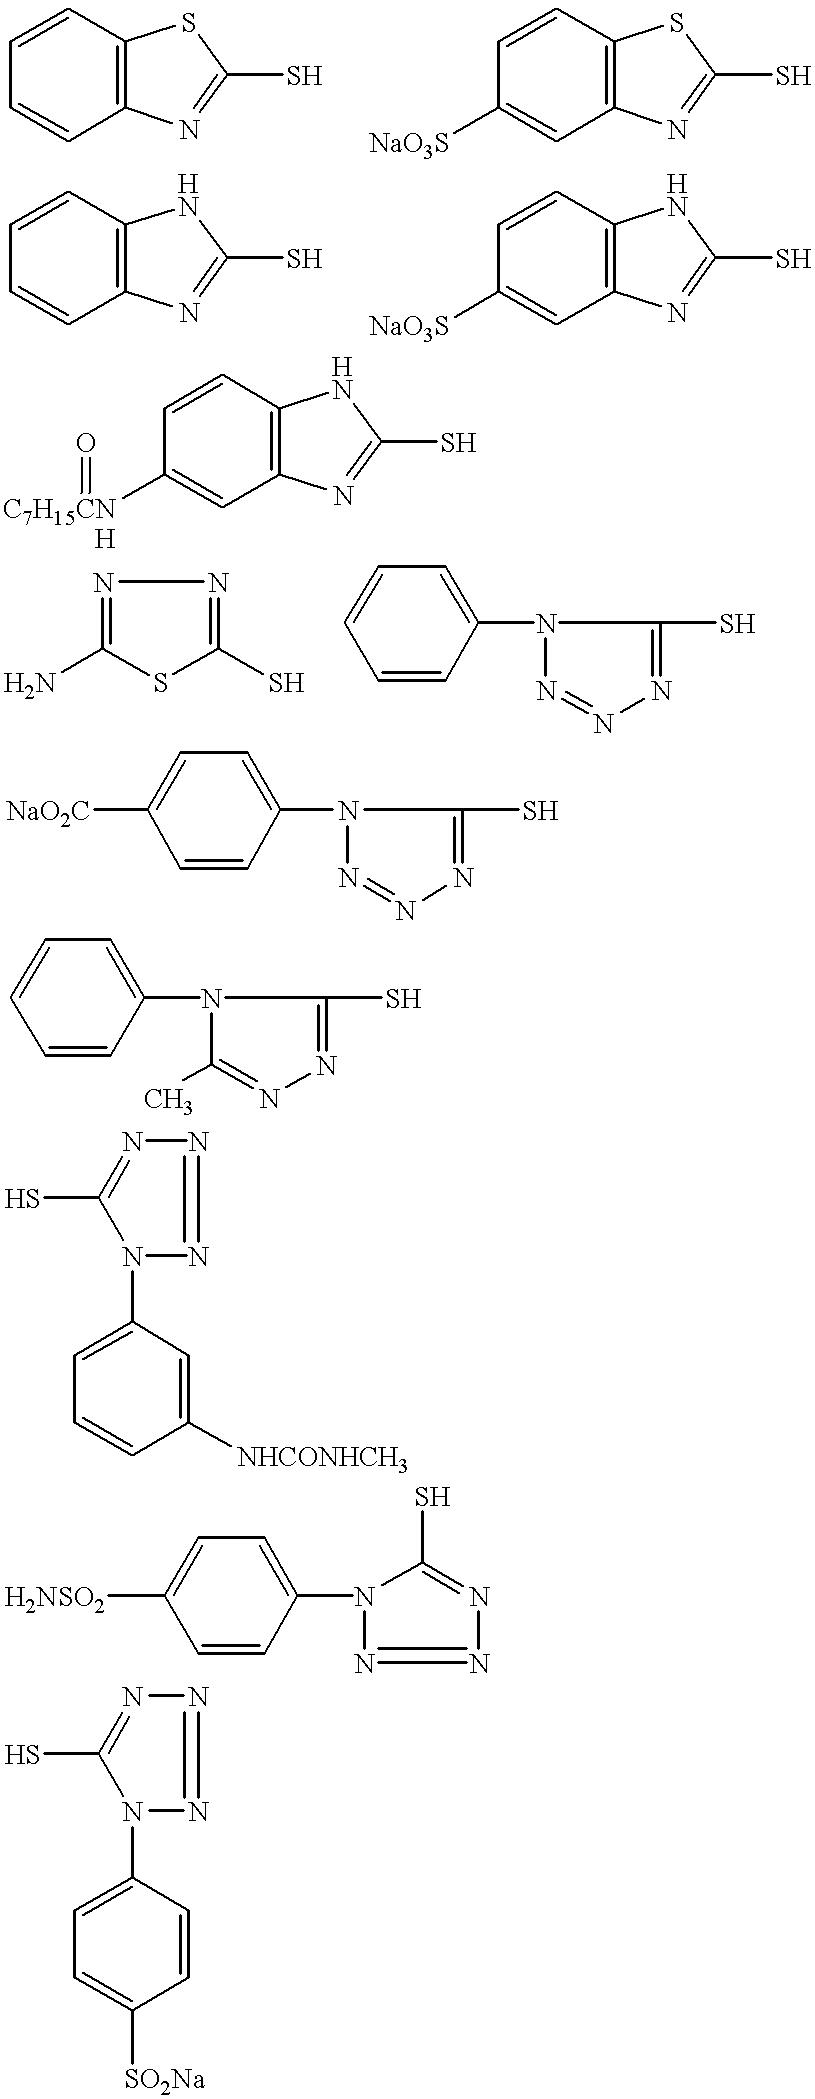 Figure US06555299-20030429-C00138